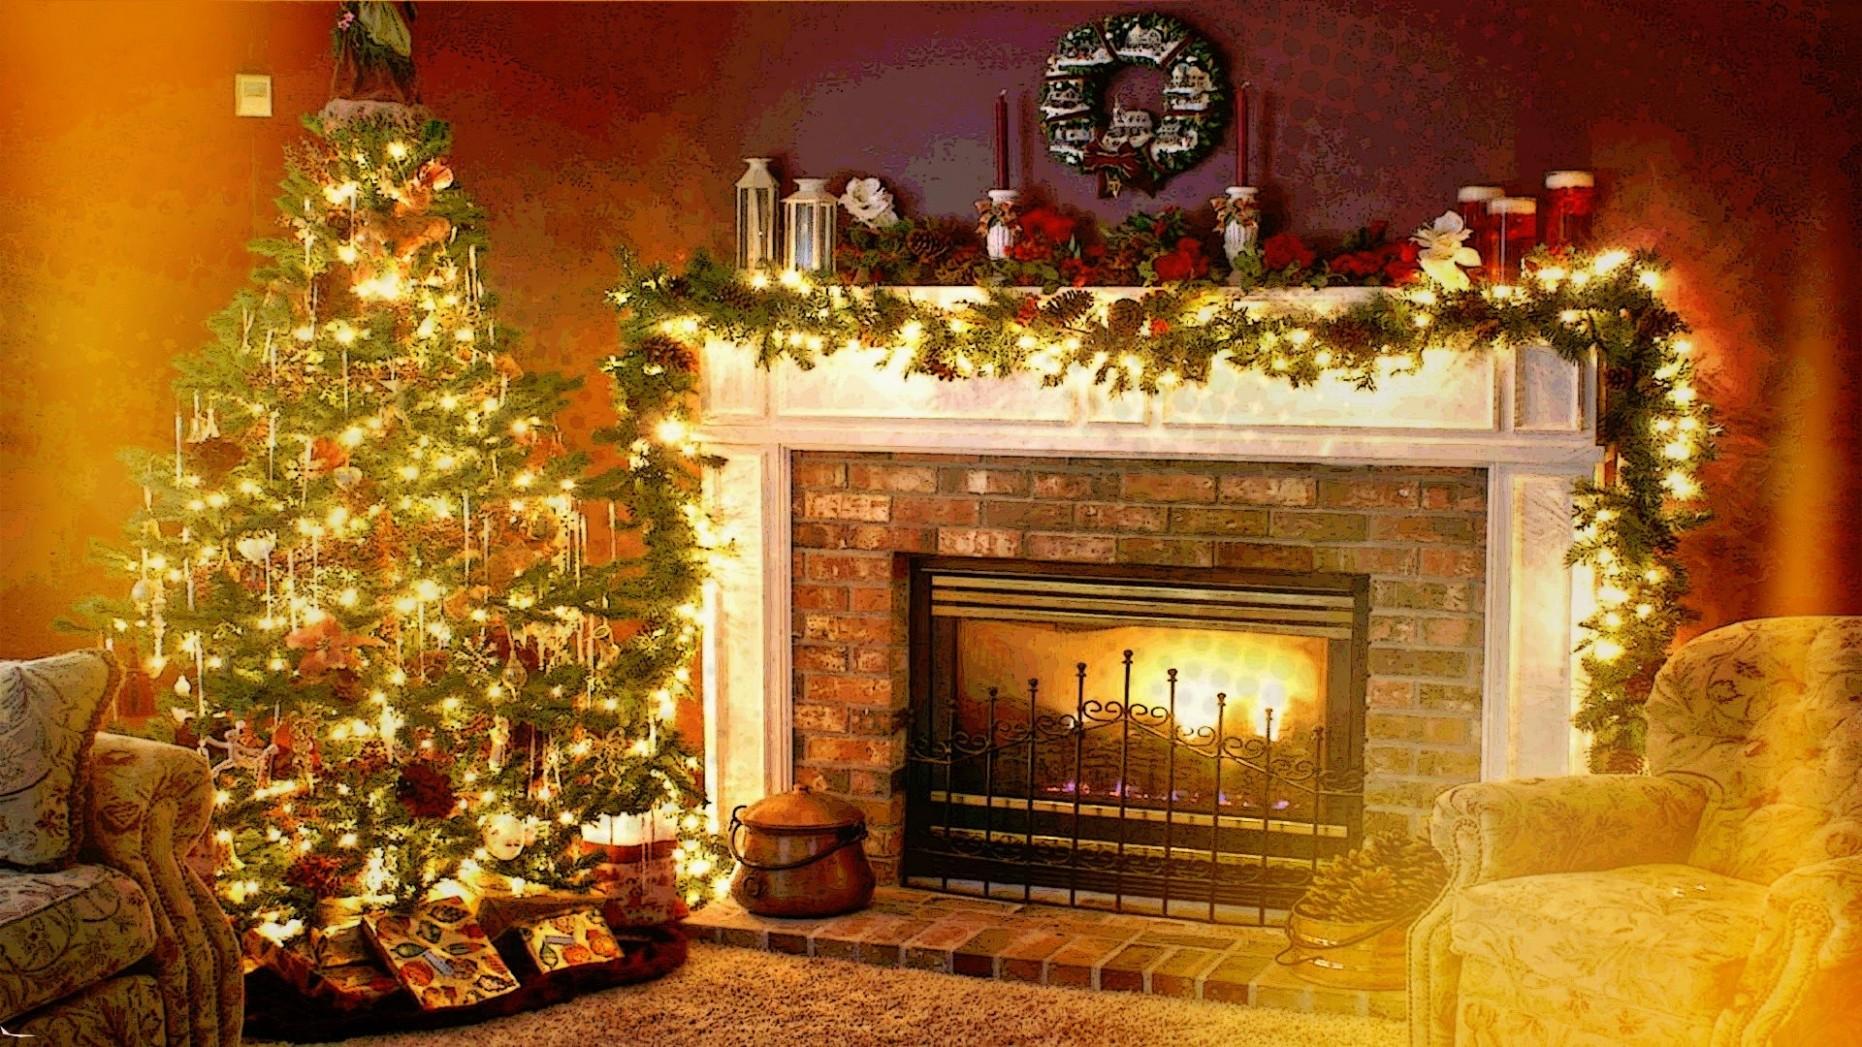 Tapety : interiér, Vánoční strom, Vánoce, krb, Dovolená ...